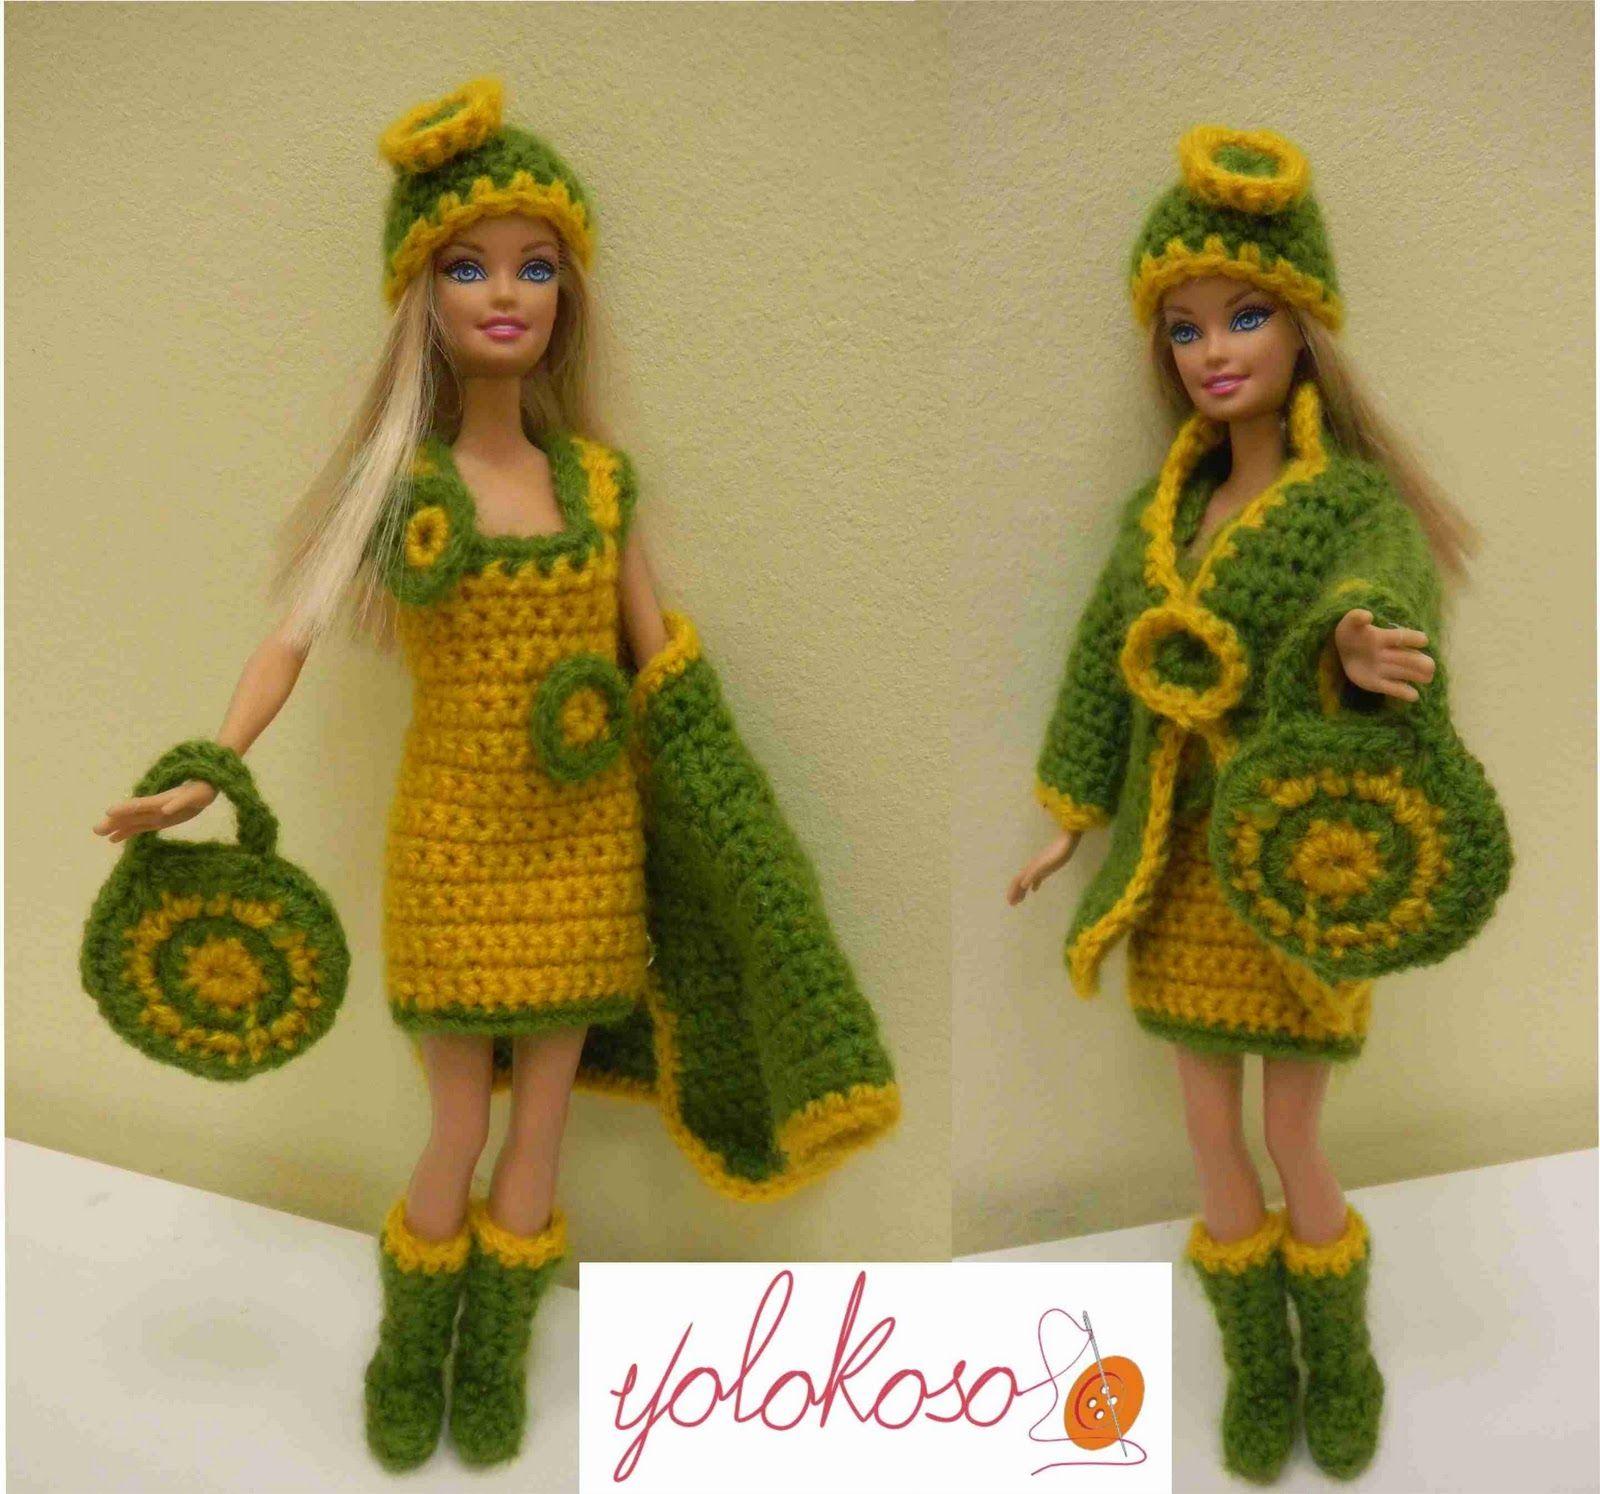 Increíble Los Patrones De Crochet Libre Para Barbie Cresta - Ideas ...